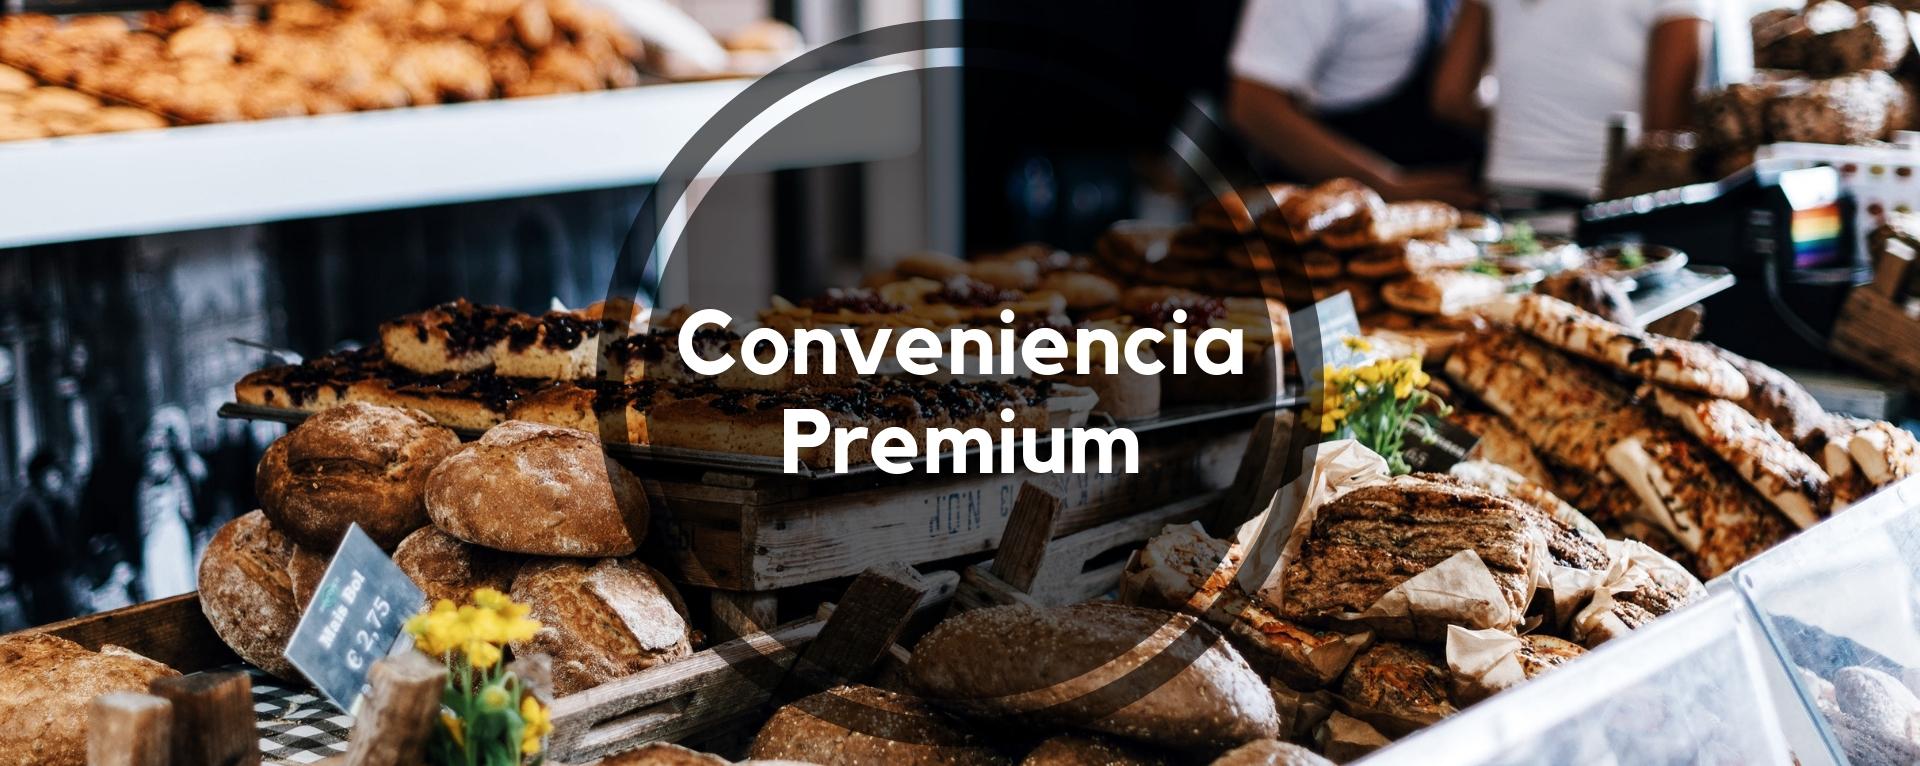 conveniencia premium